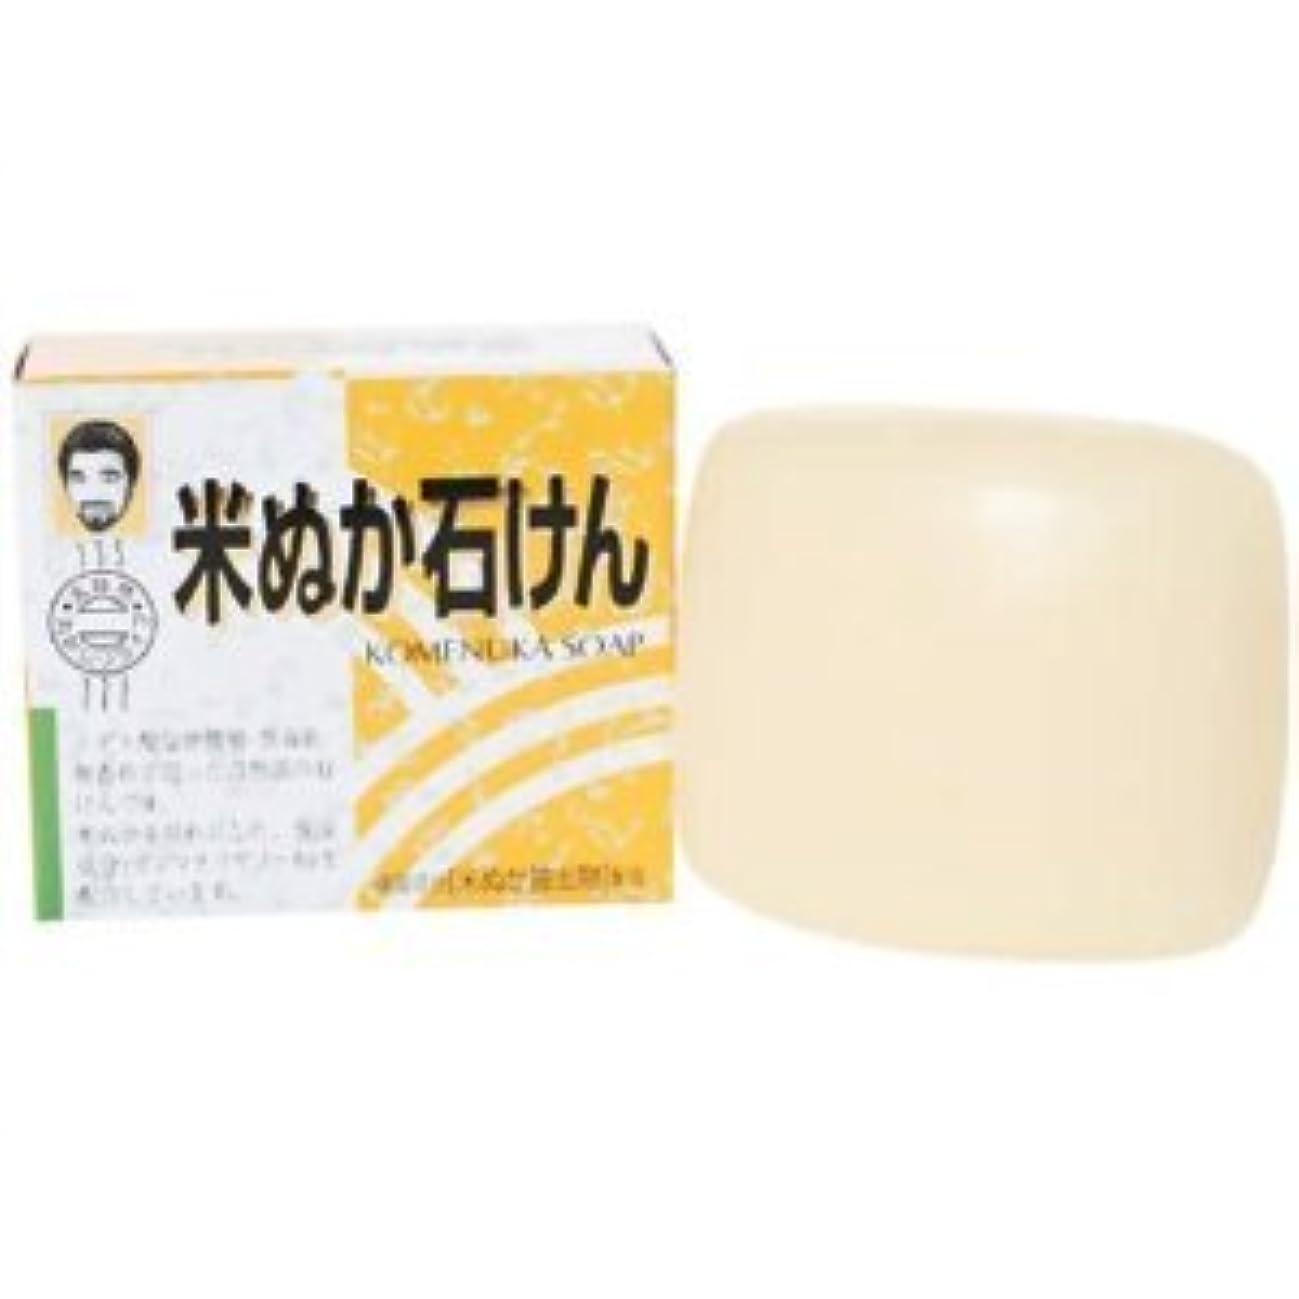 静けさハンマー添加お得な6個セット!! 健康フーズ 米ぬか石鹸80gx6個